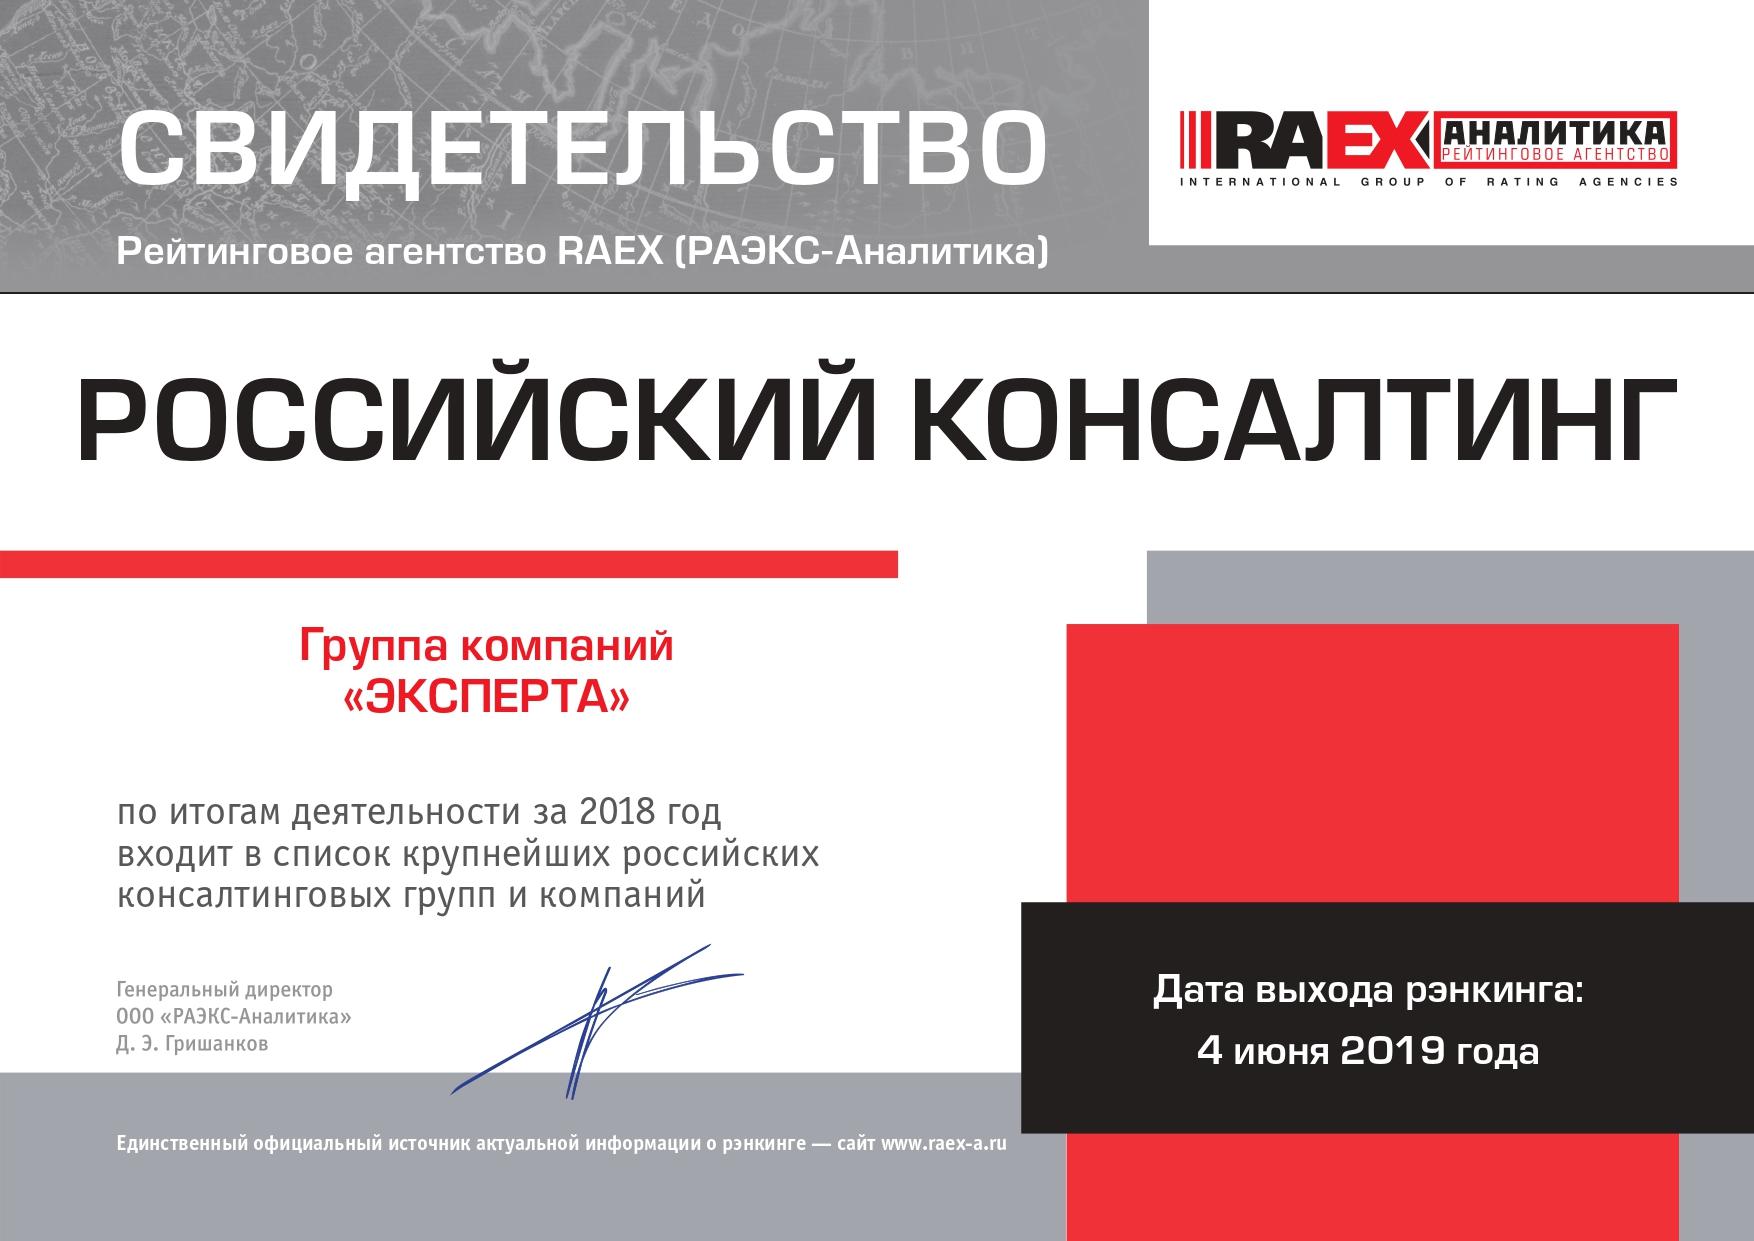 Свидетельство от рейтингового агентства «РАЭКС-Аналитика» от 04.06.2019